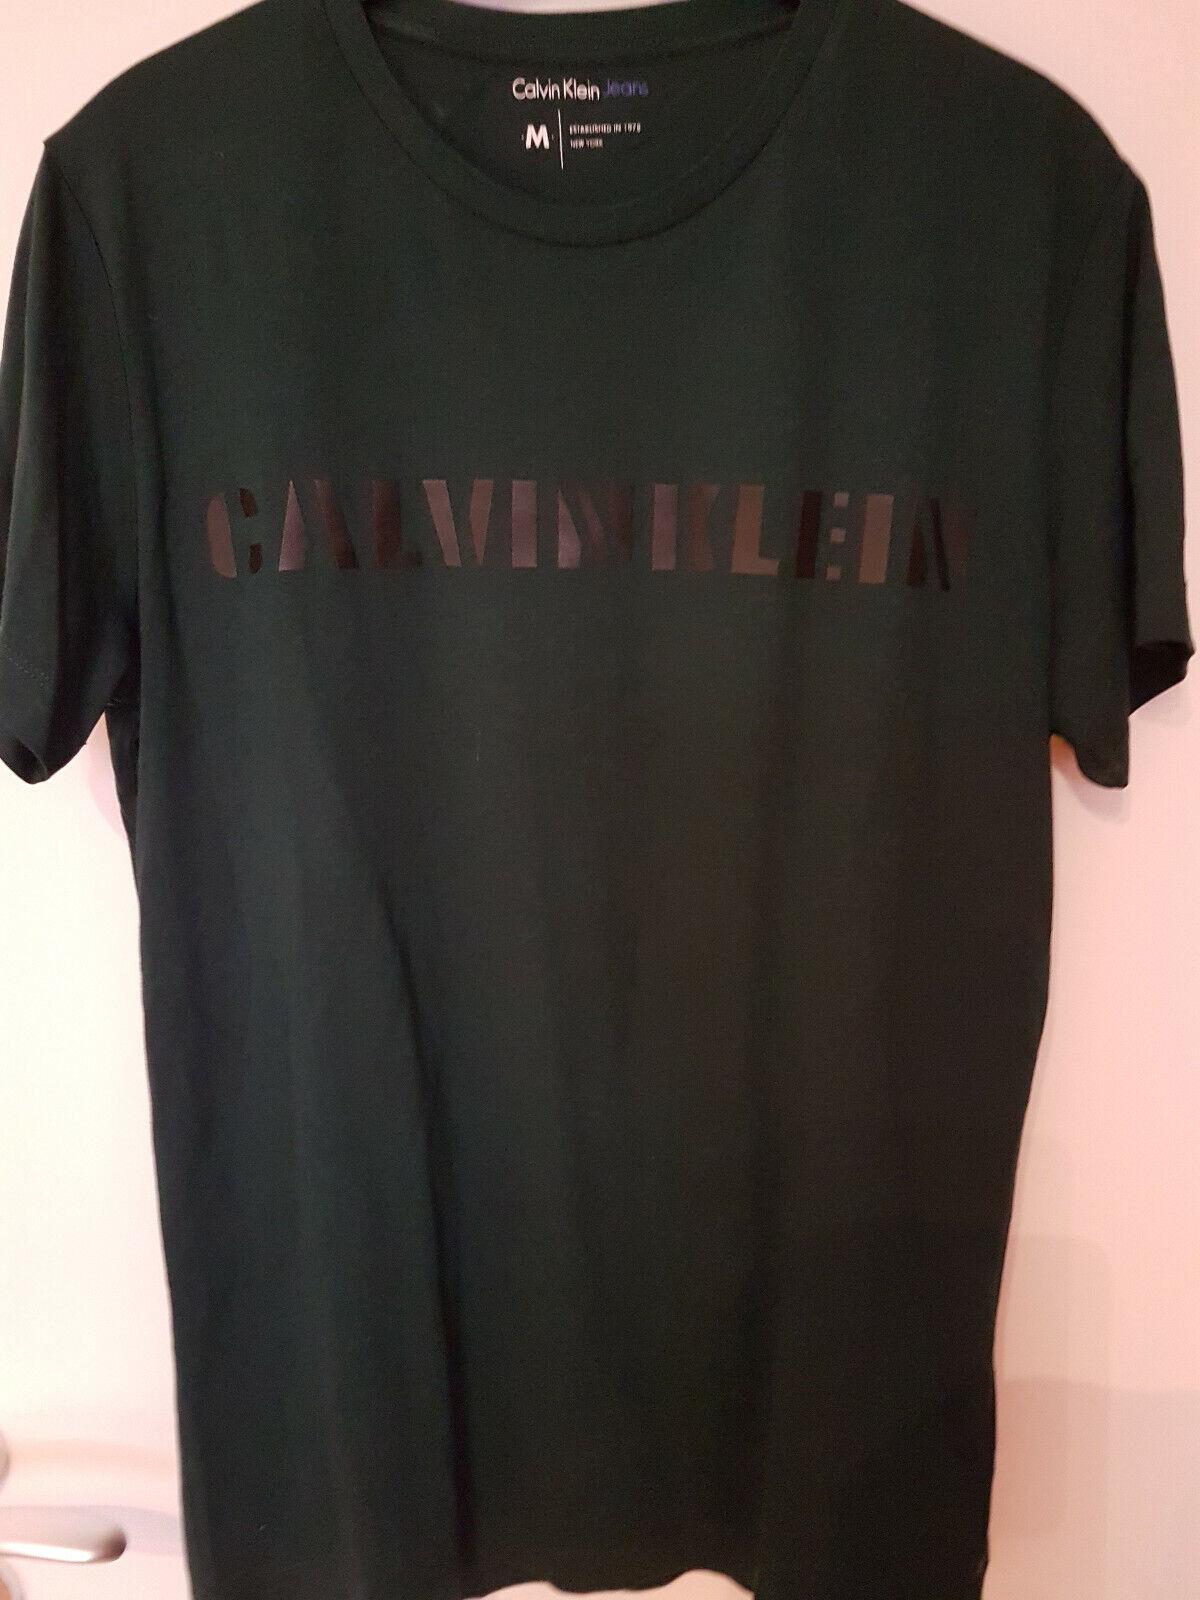 Calvin Klein T-Shirt Herren Gr. M, grün mit schwarzem Aufdruck, sehr gut